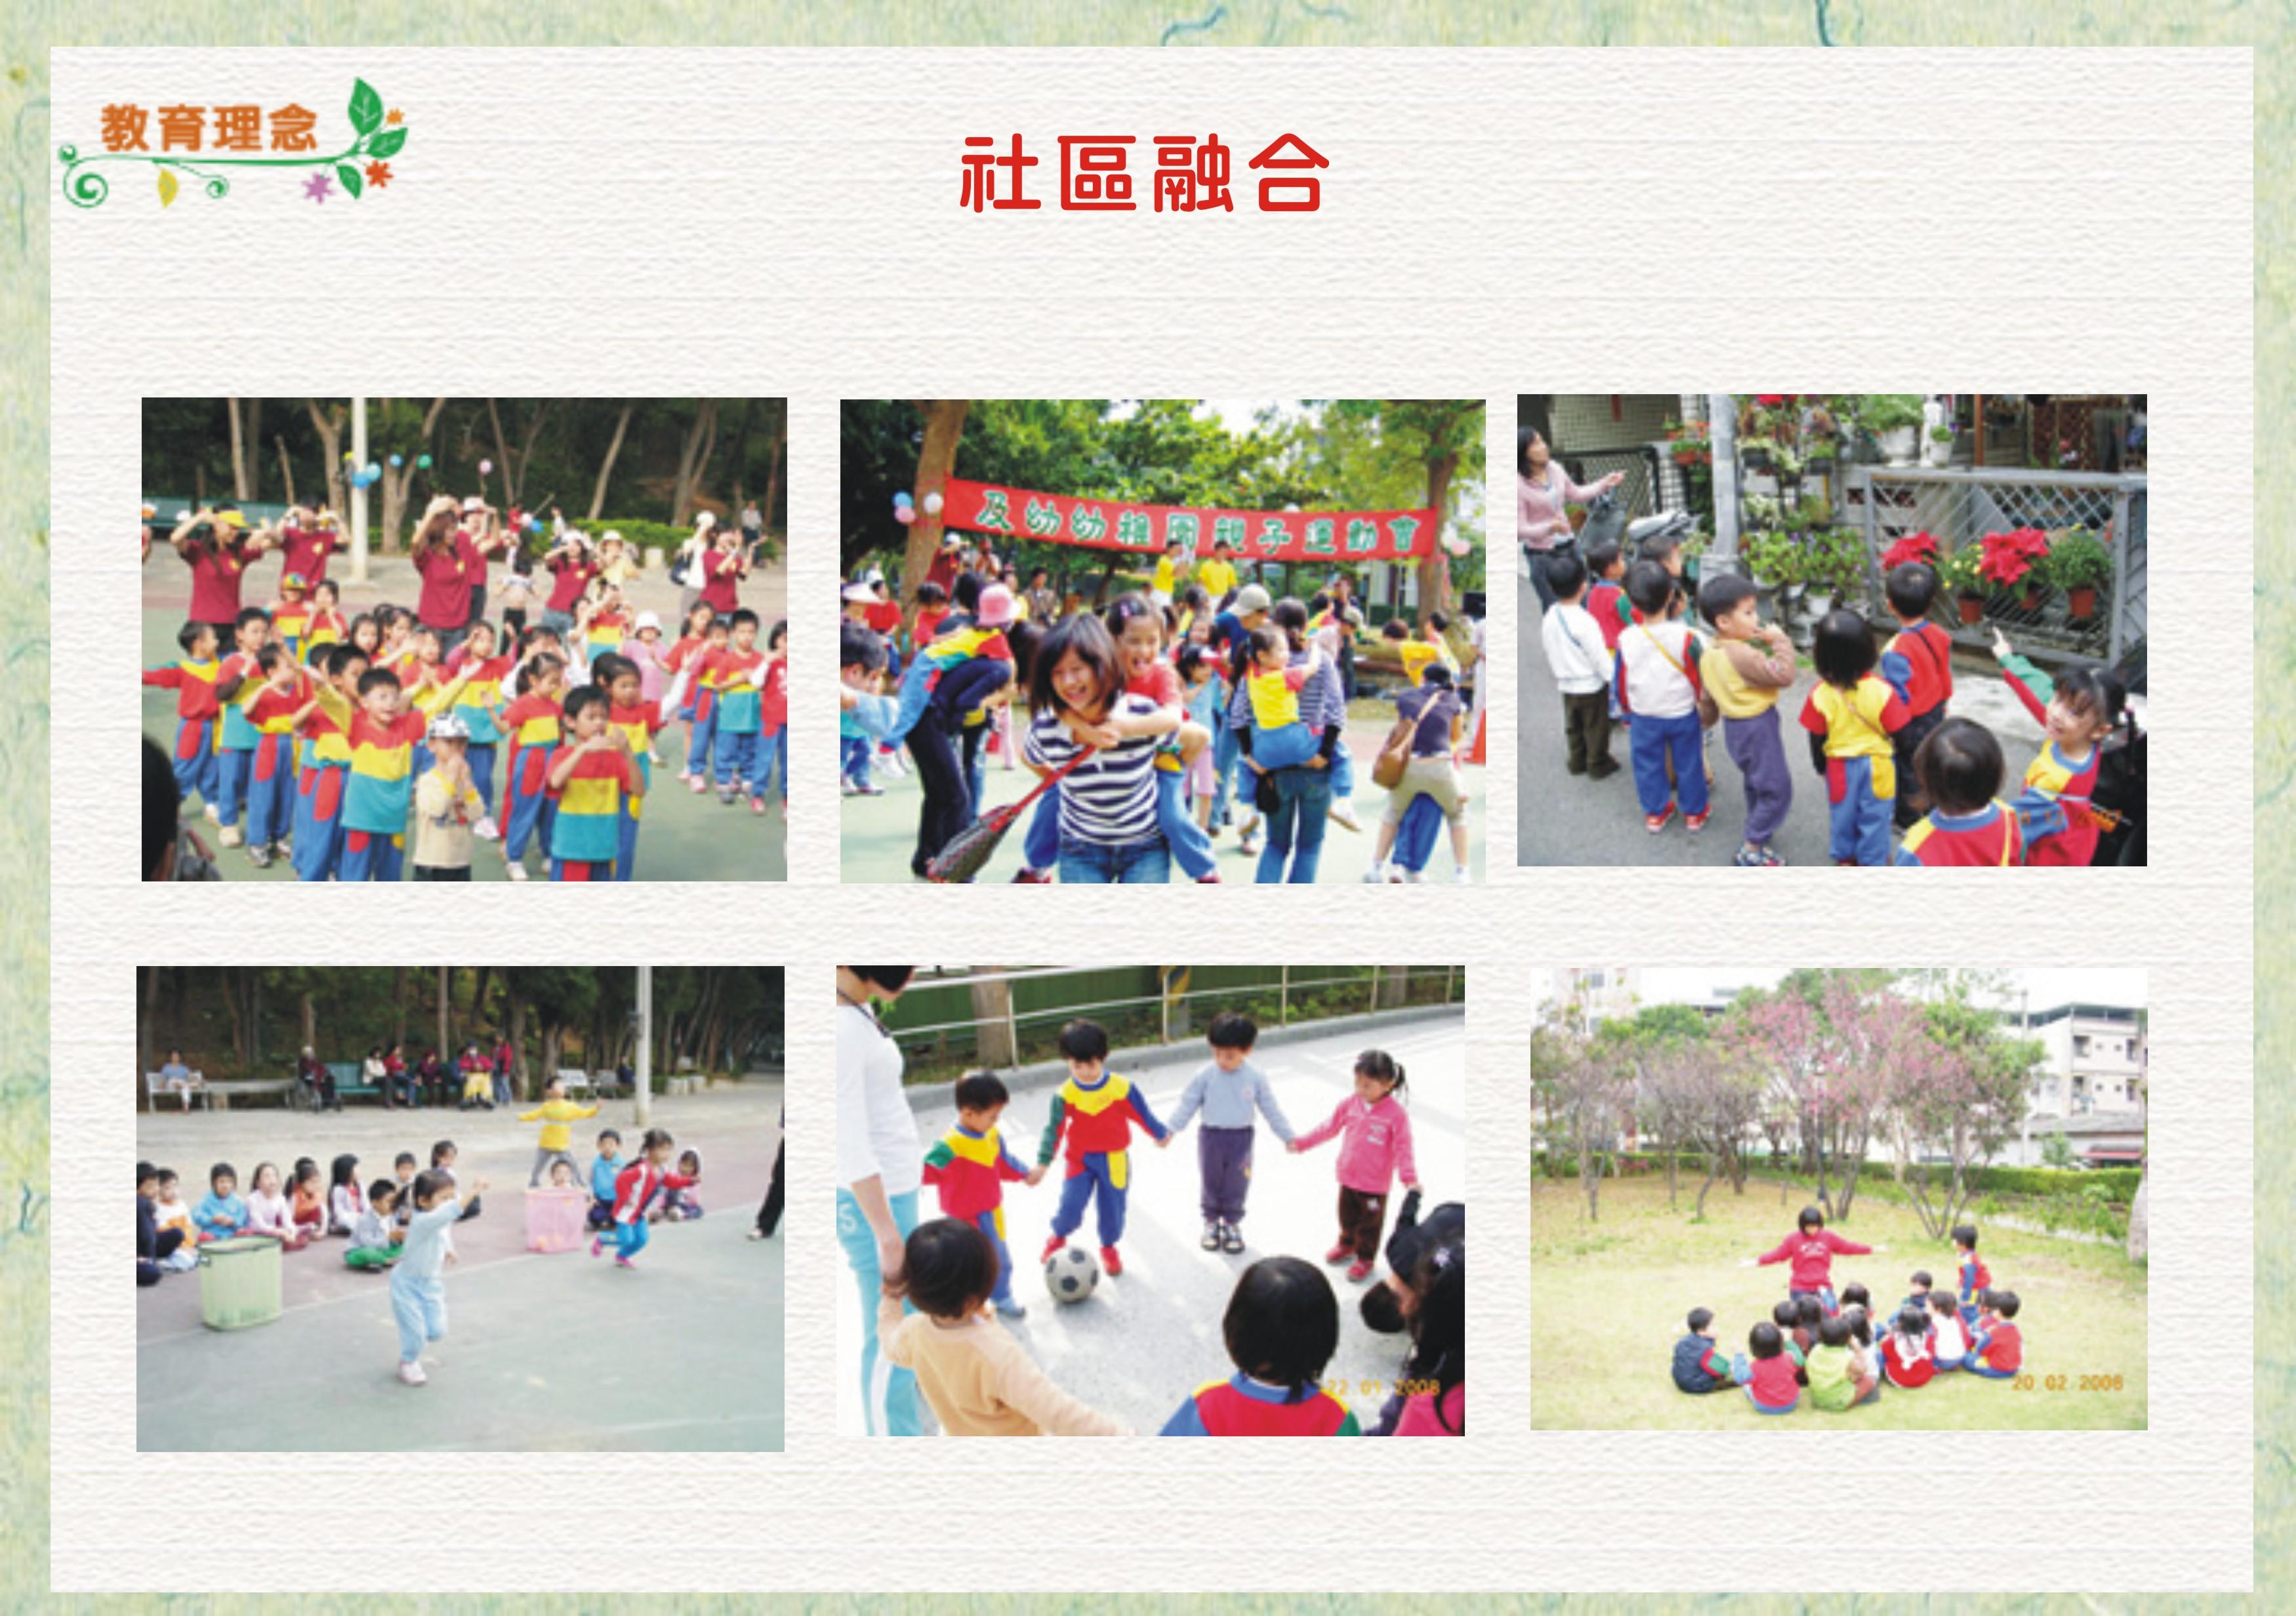 社區融合 - Magazine cover